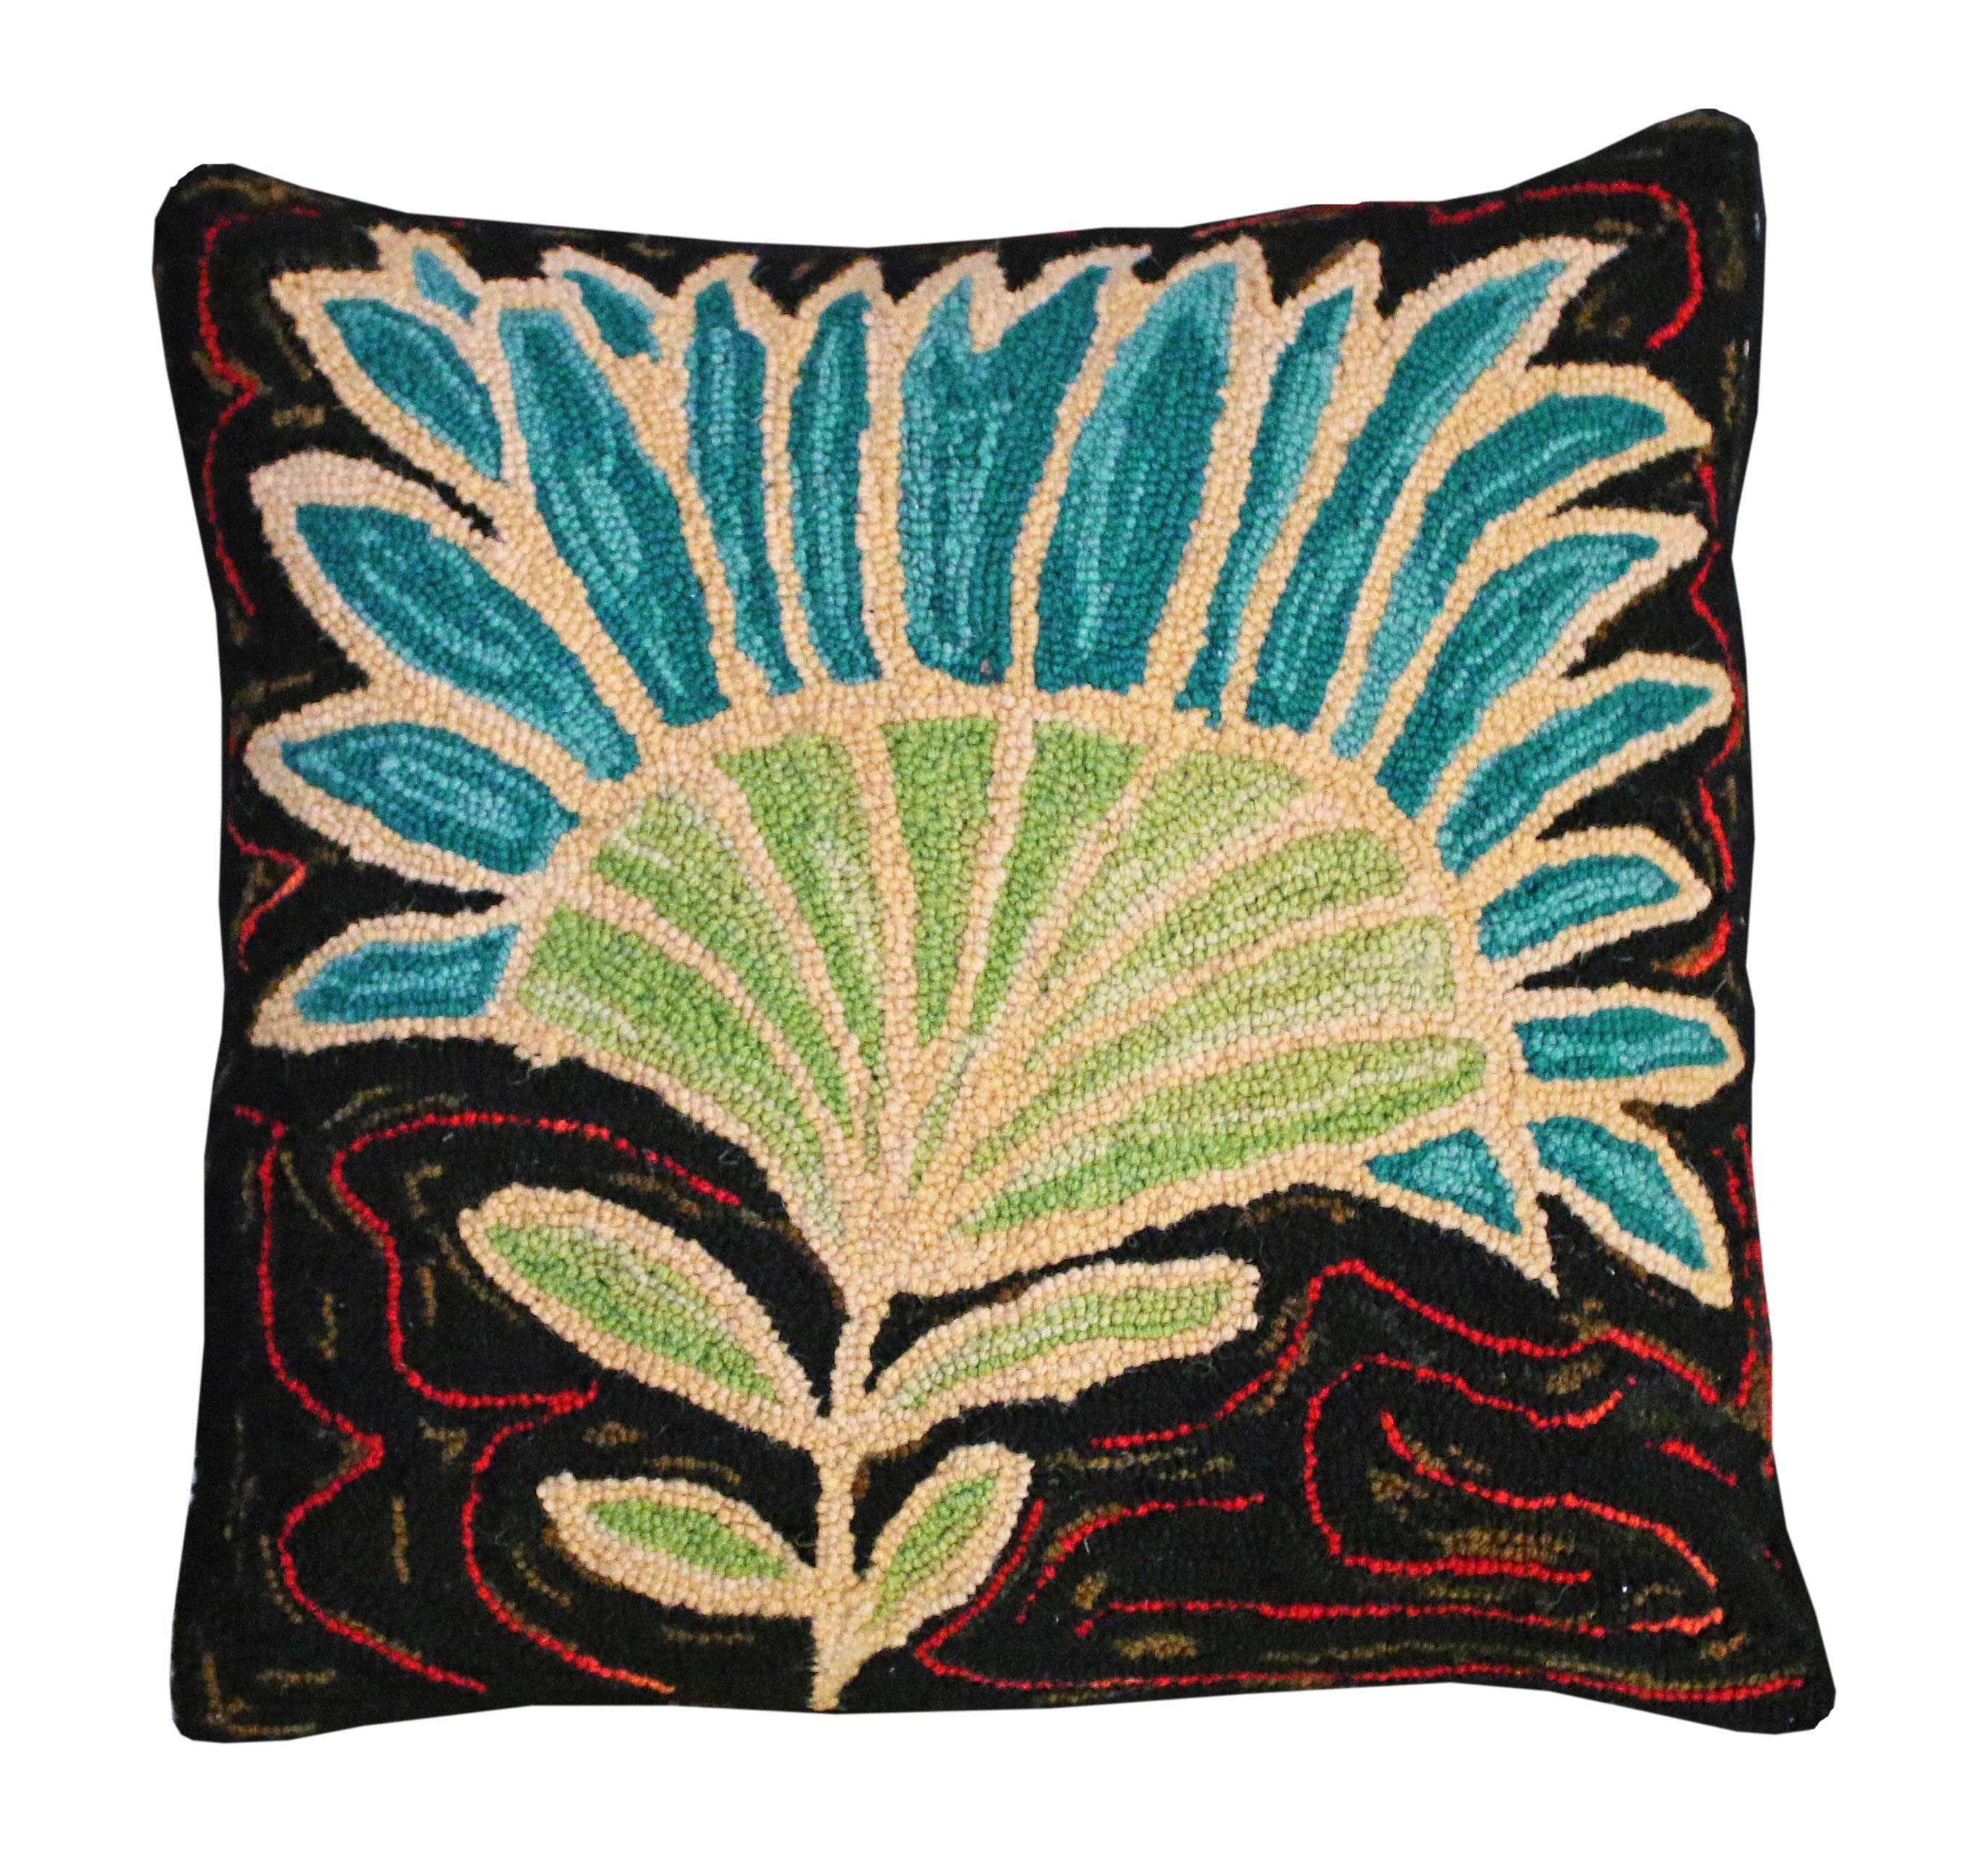 10 Bloomer Pillow